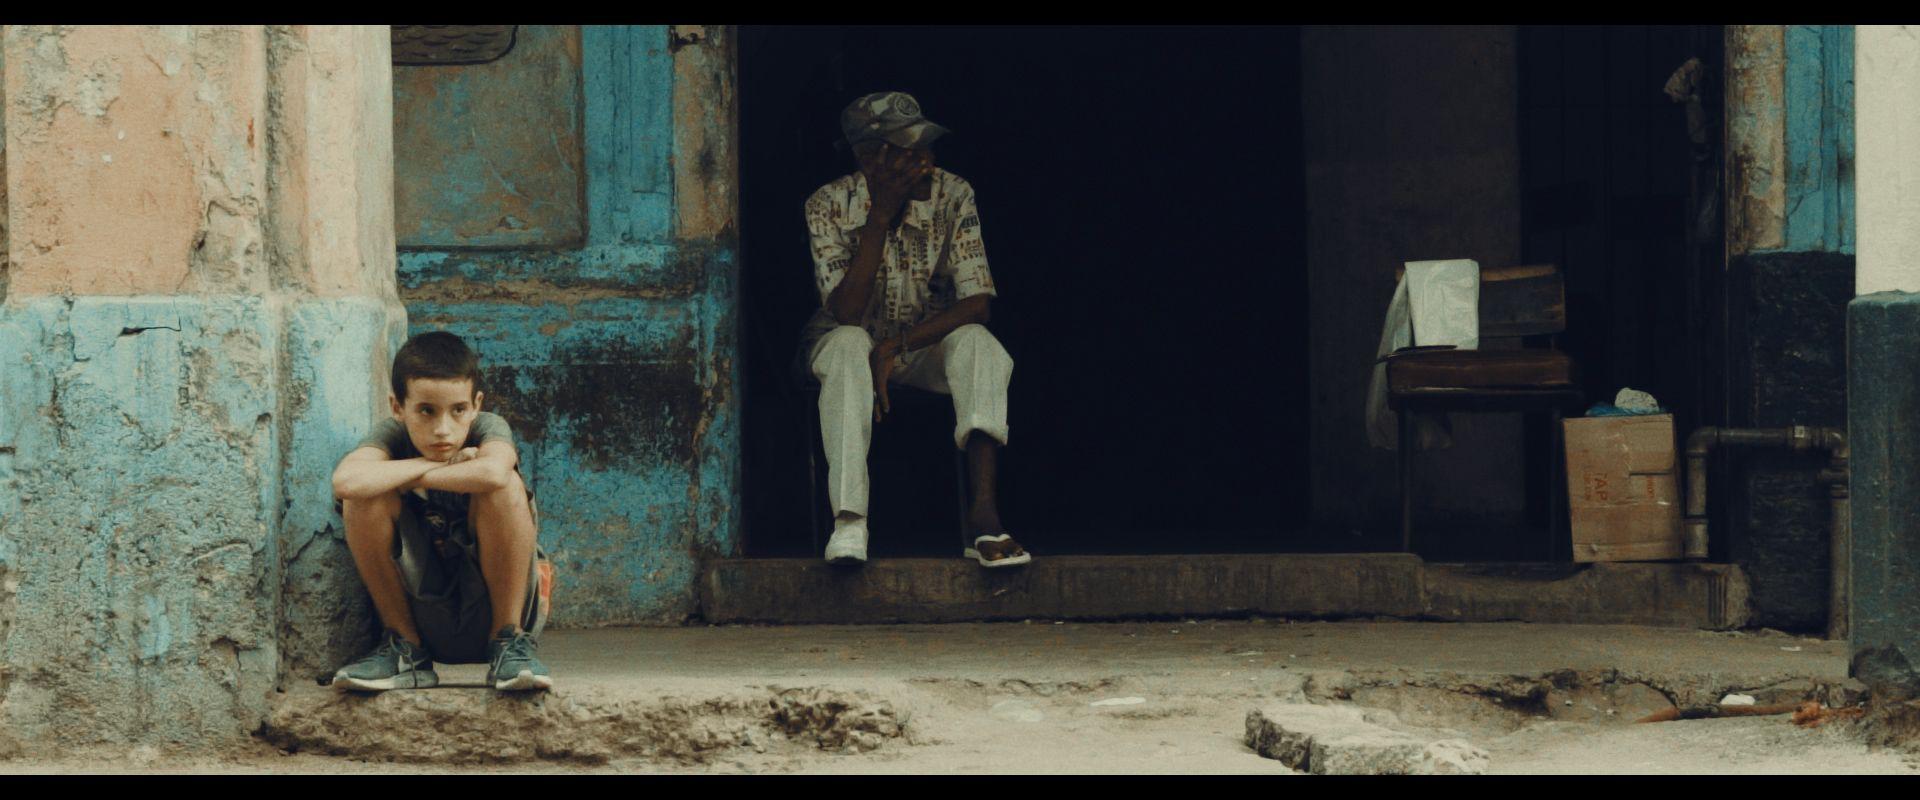 ein Junge sitzt auf einer maroden Türschwelle